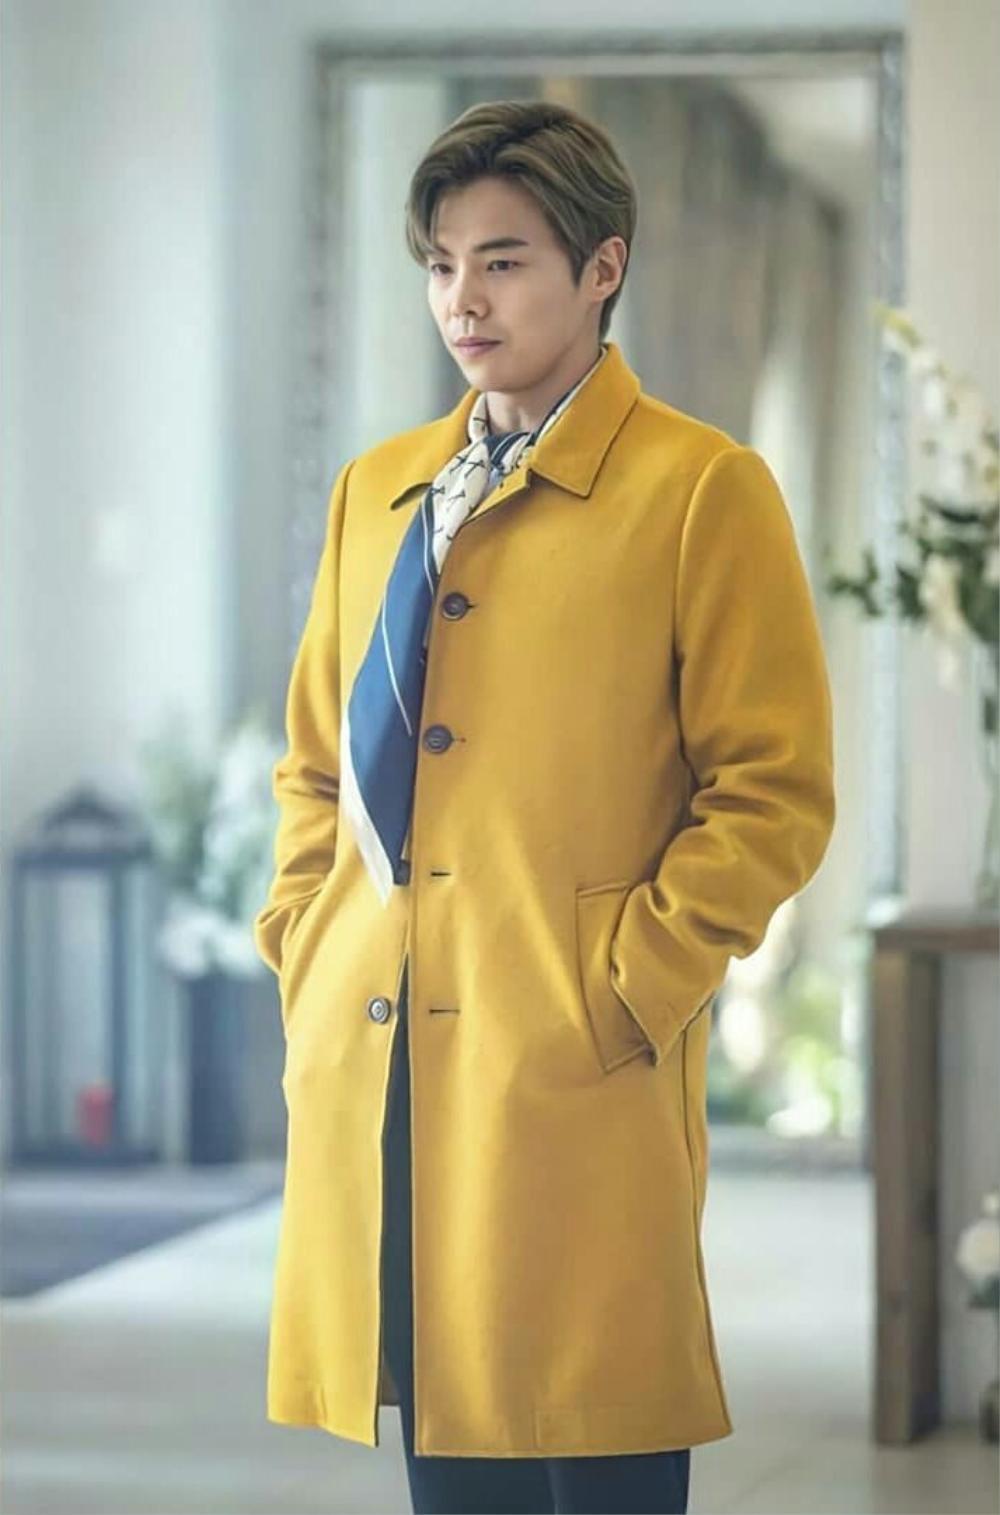 Phim 'Penthouse 2' xuất hiện thêm nhân vật mới, là chị em song song với bà cả Lee Ji Ah? Ảnh 10